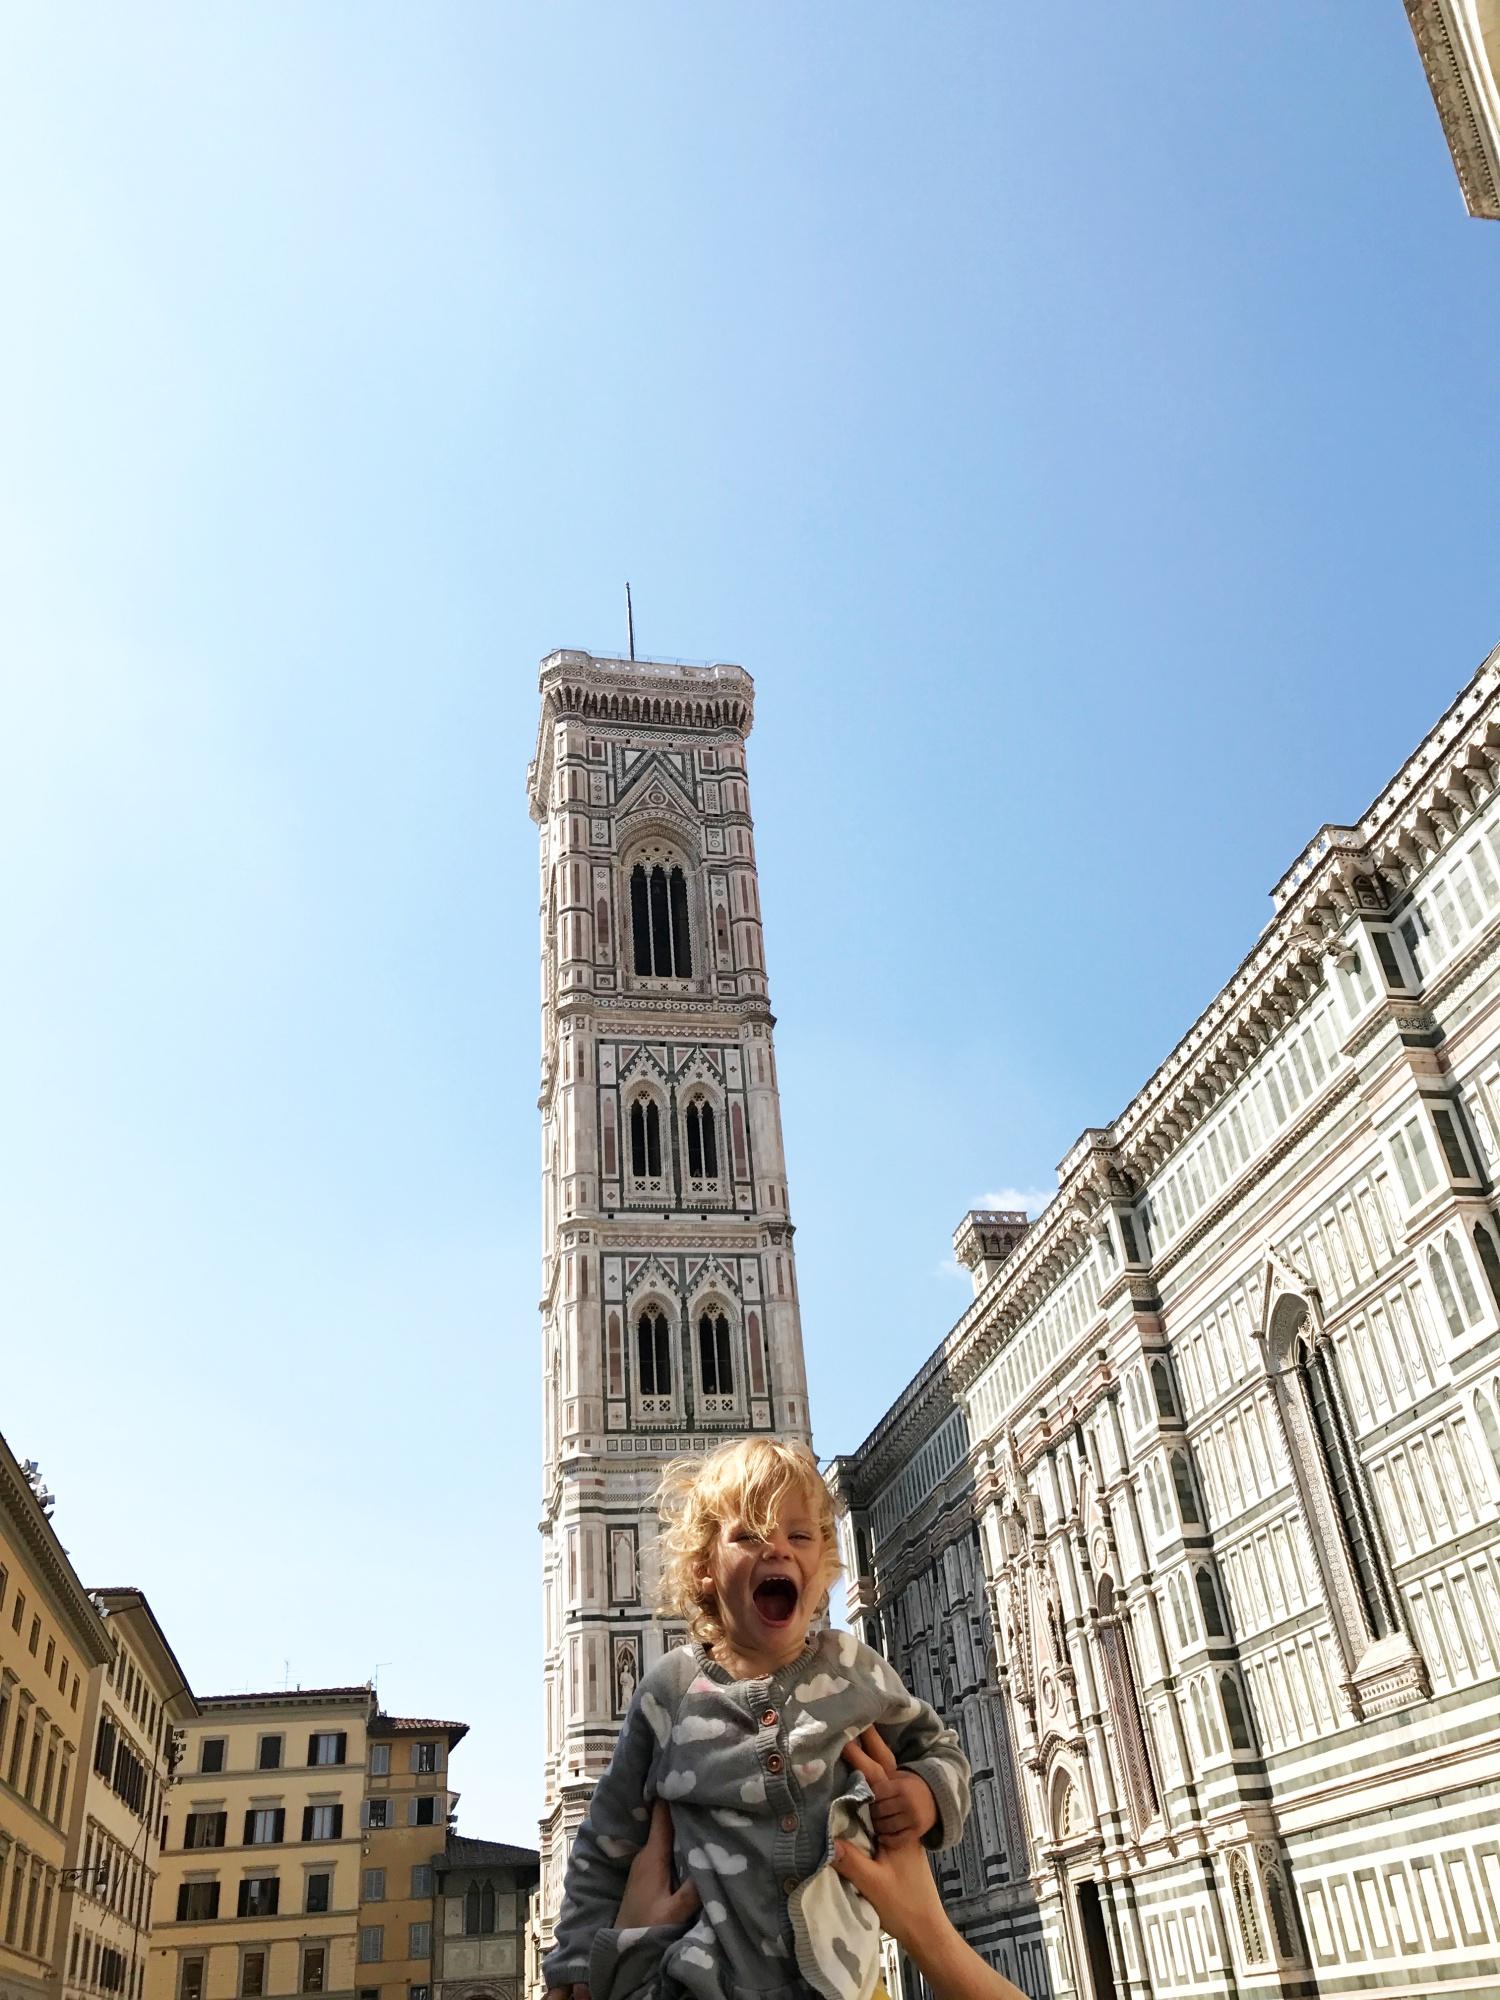 Familienurlaub, Reiseblog, Reisen mit Kinder, Italien, Toskana